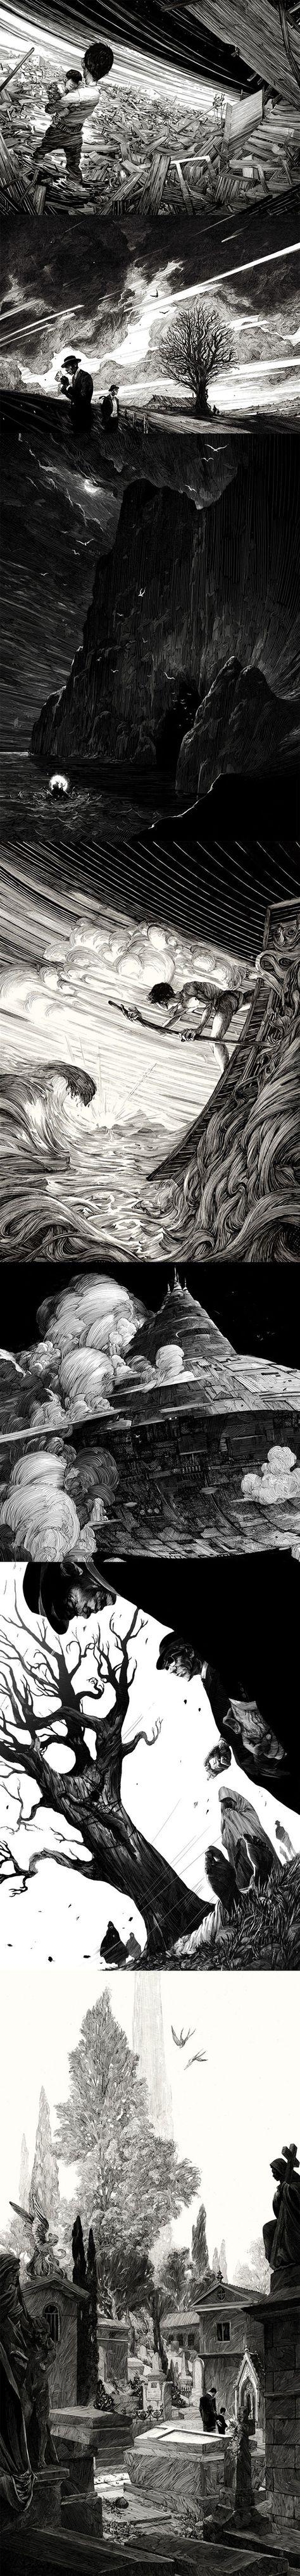 Les dessins à l'encre stupéfiants de Nicolas Delort (France). Une précision et un sens du trait impressionnant. Dommage que le contenant ne soit pas à la hauteur du contenu.